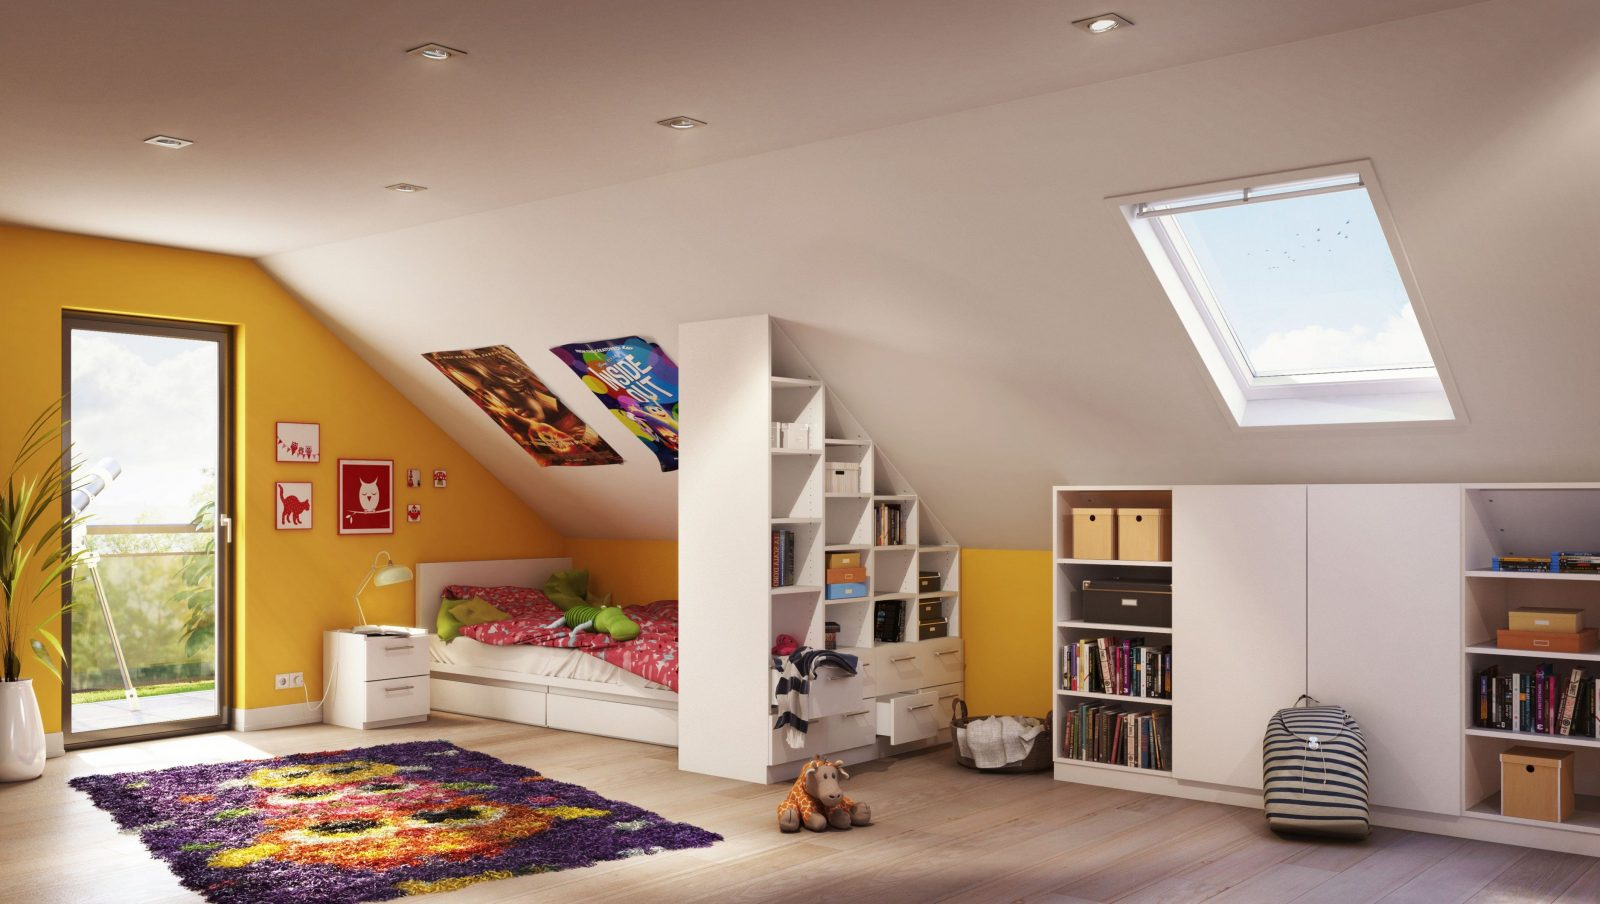 ... Wurde Mit Perfekt Passenden Maßmöbeln Von Kinderzimmer Mit Dachschräge  Einrichten Photo Kinderzimmer Mit Dachschräge Jugendzimmer Einrichten  Schrägen ...